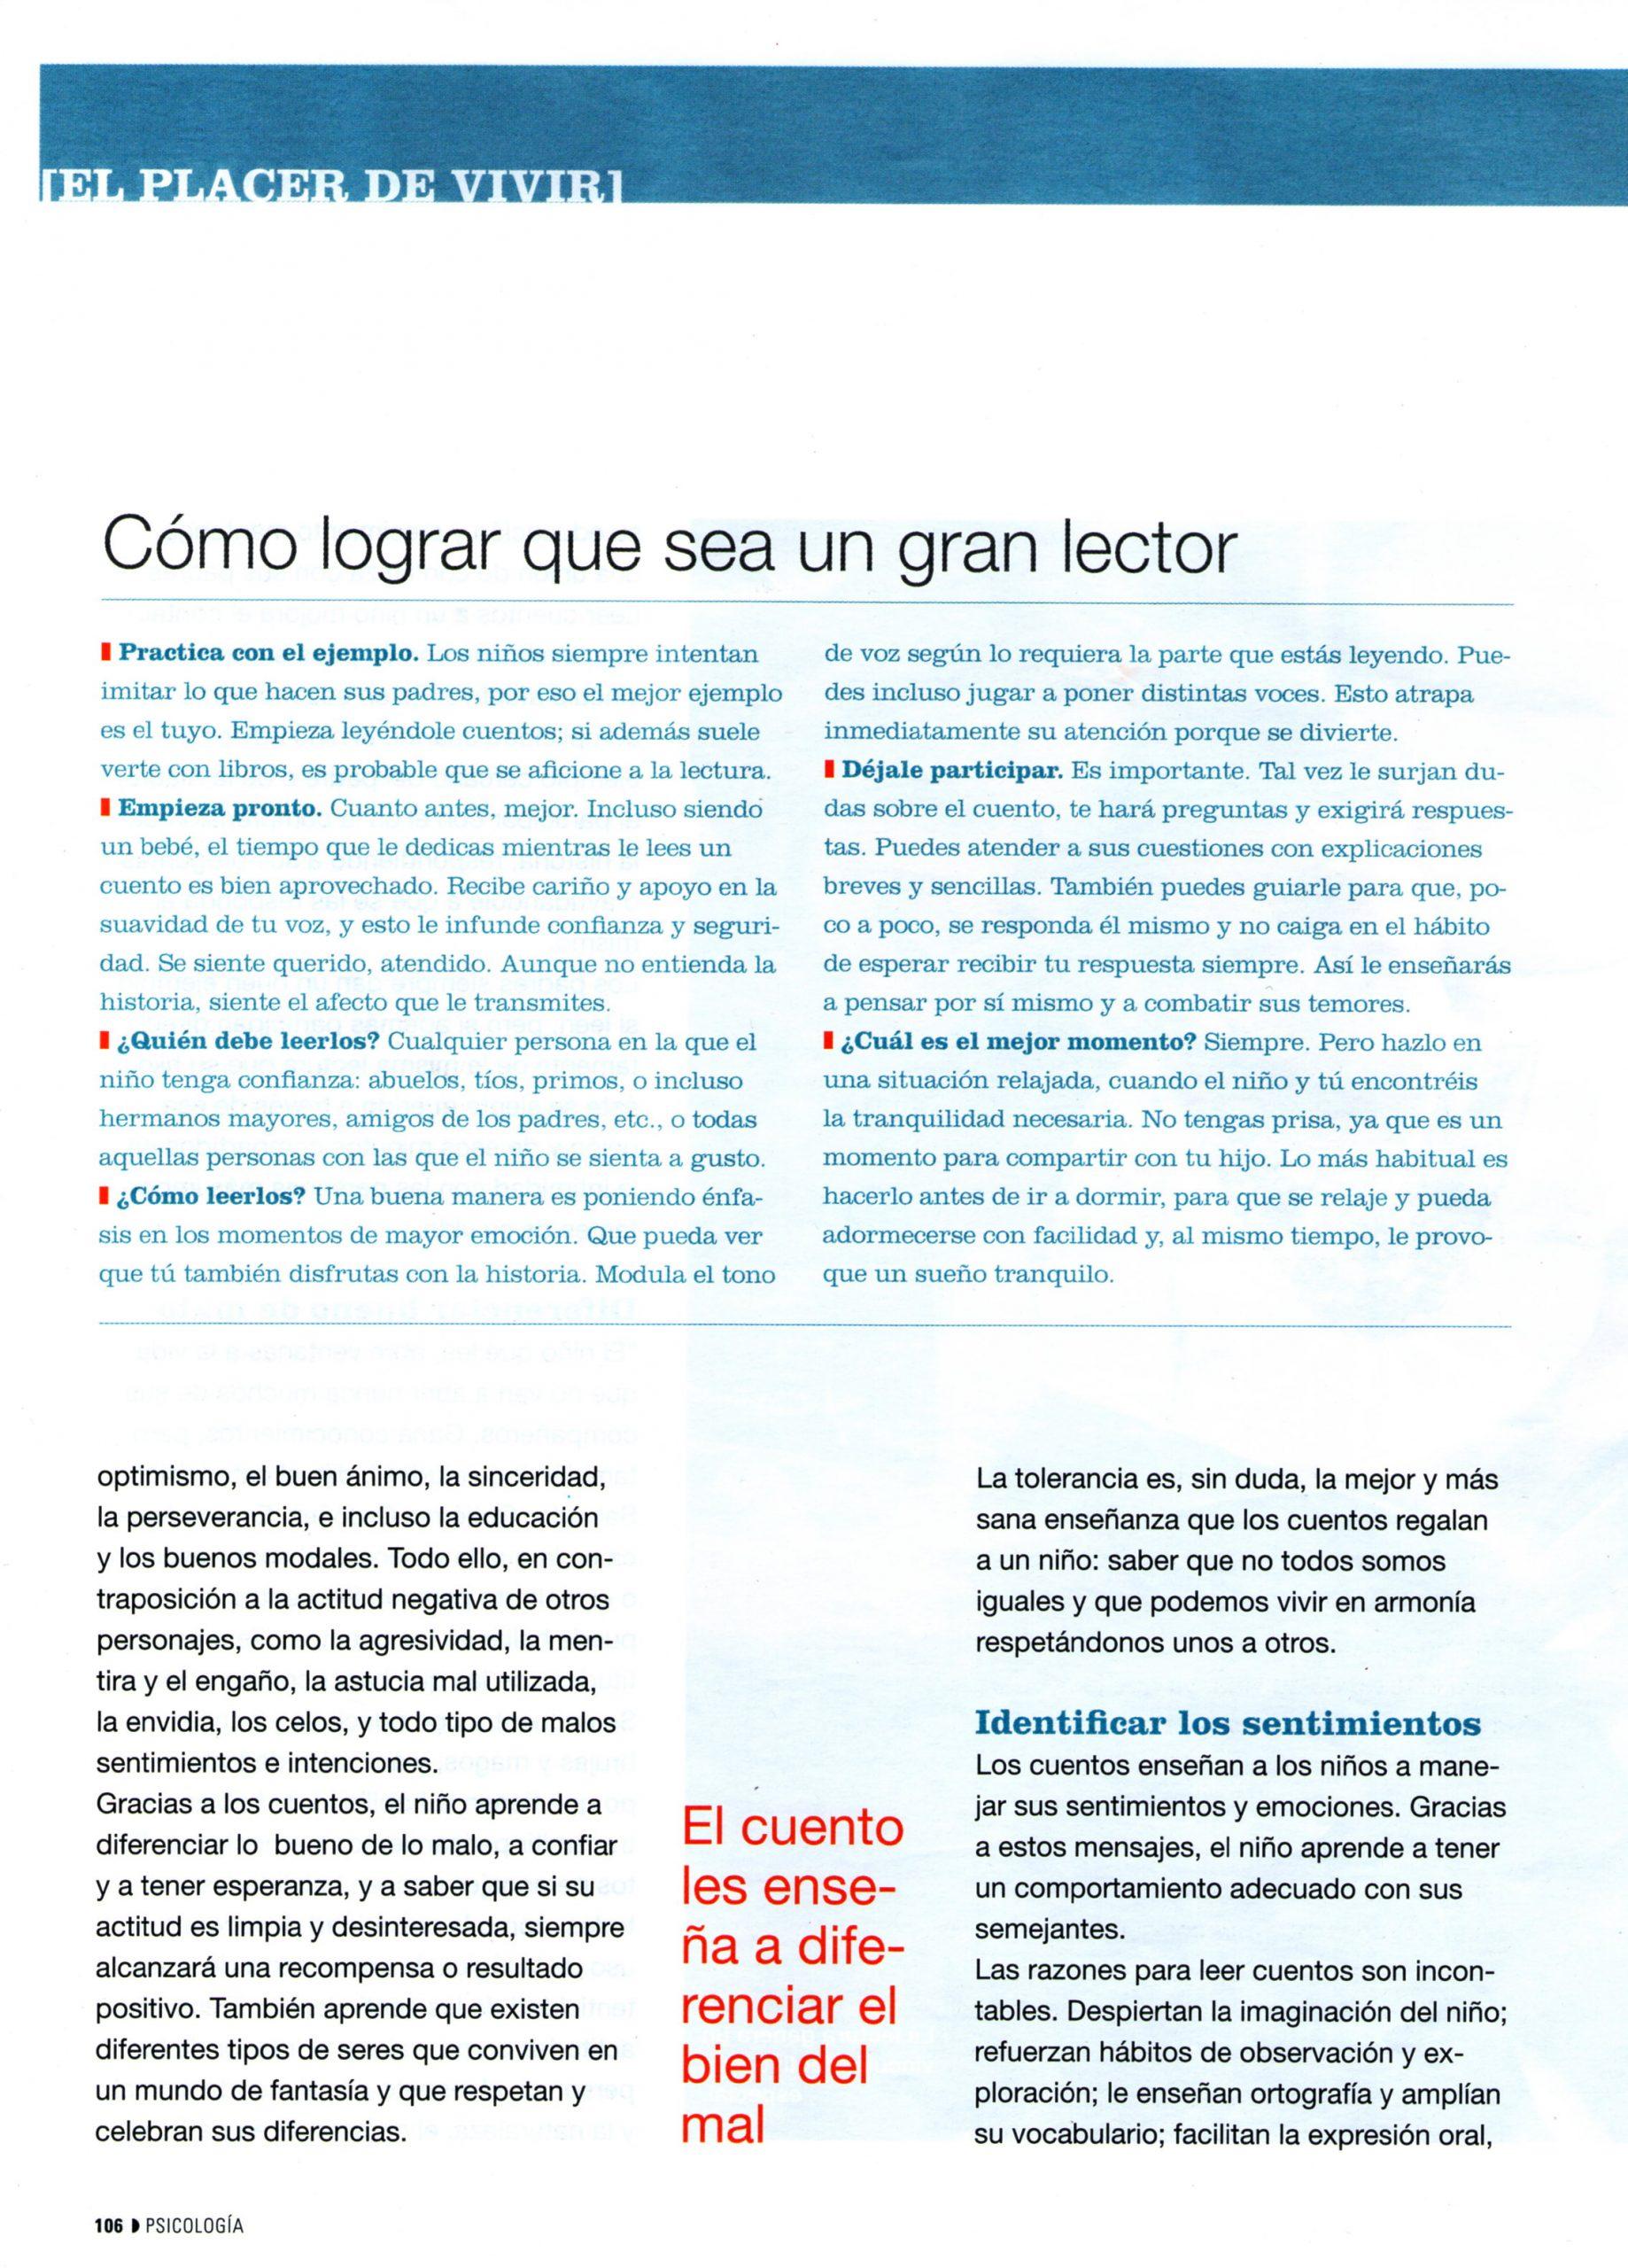 STOP AL MANIPULADOR, pag 3, PSICOLOGÍA PRÁCTICA 3-2008, Mar Cantero Sánchez